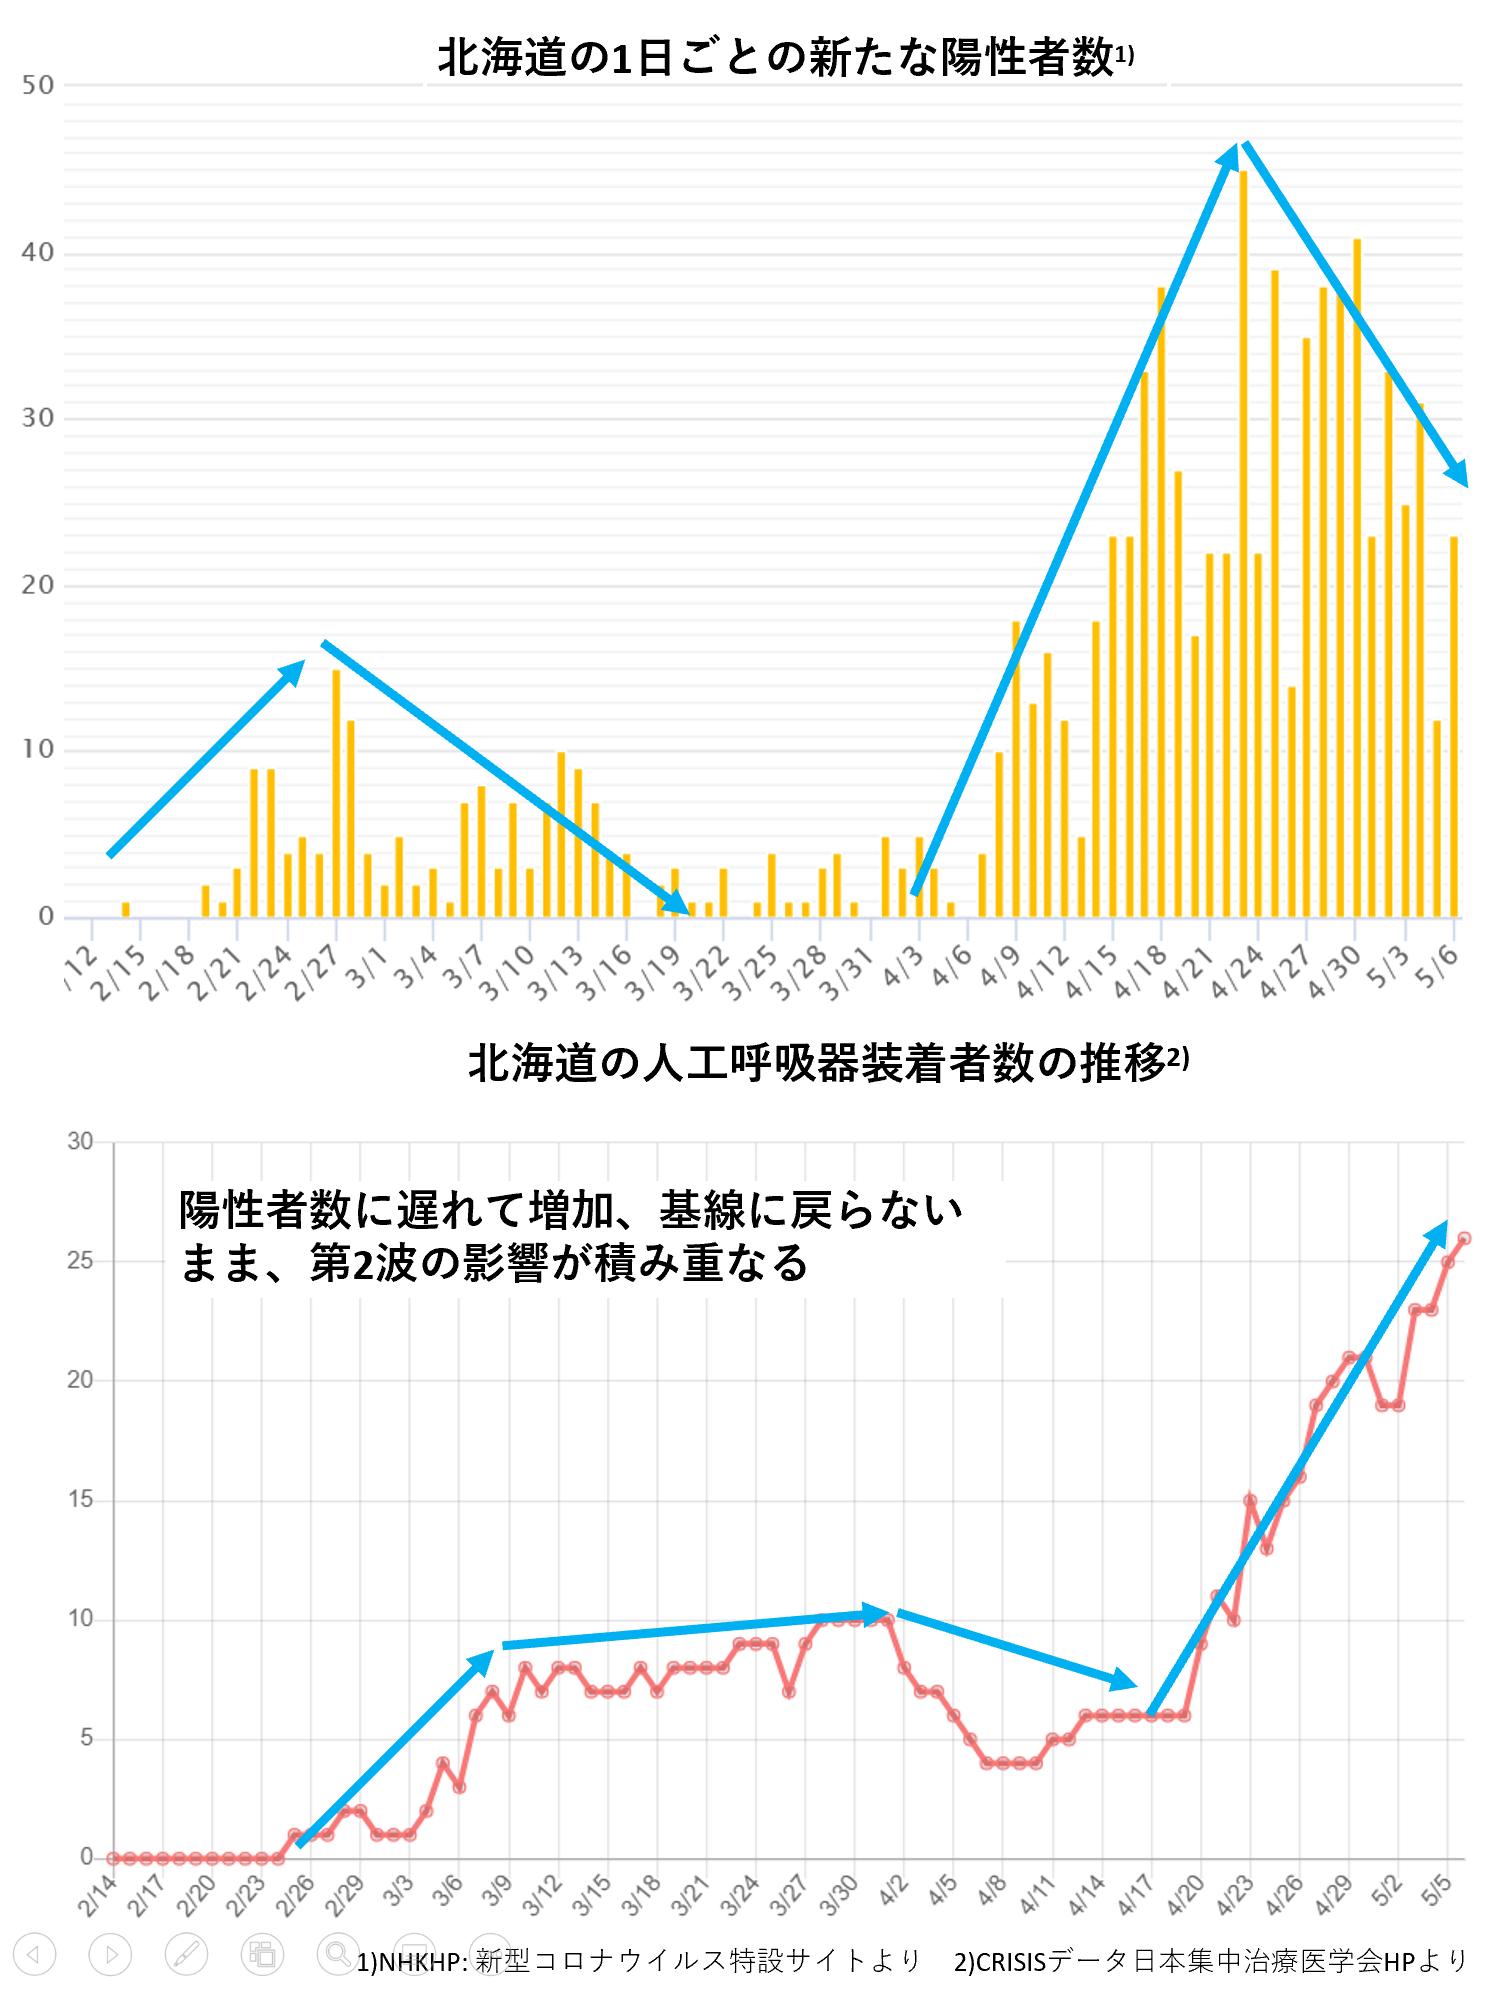 数 日本 の 者 コロナ 感染